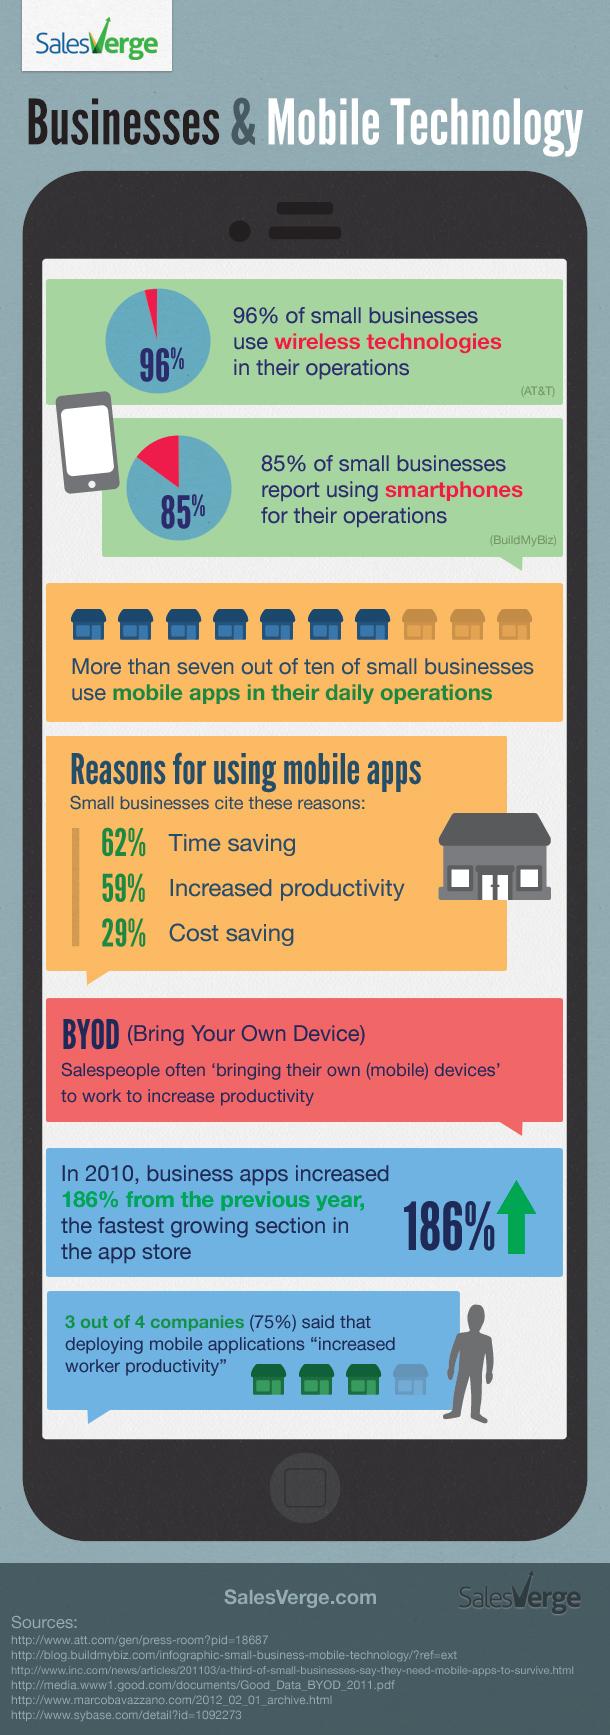 Empresas y tecnologías móviles